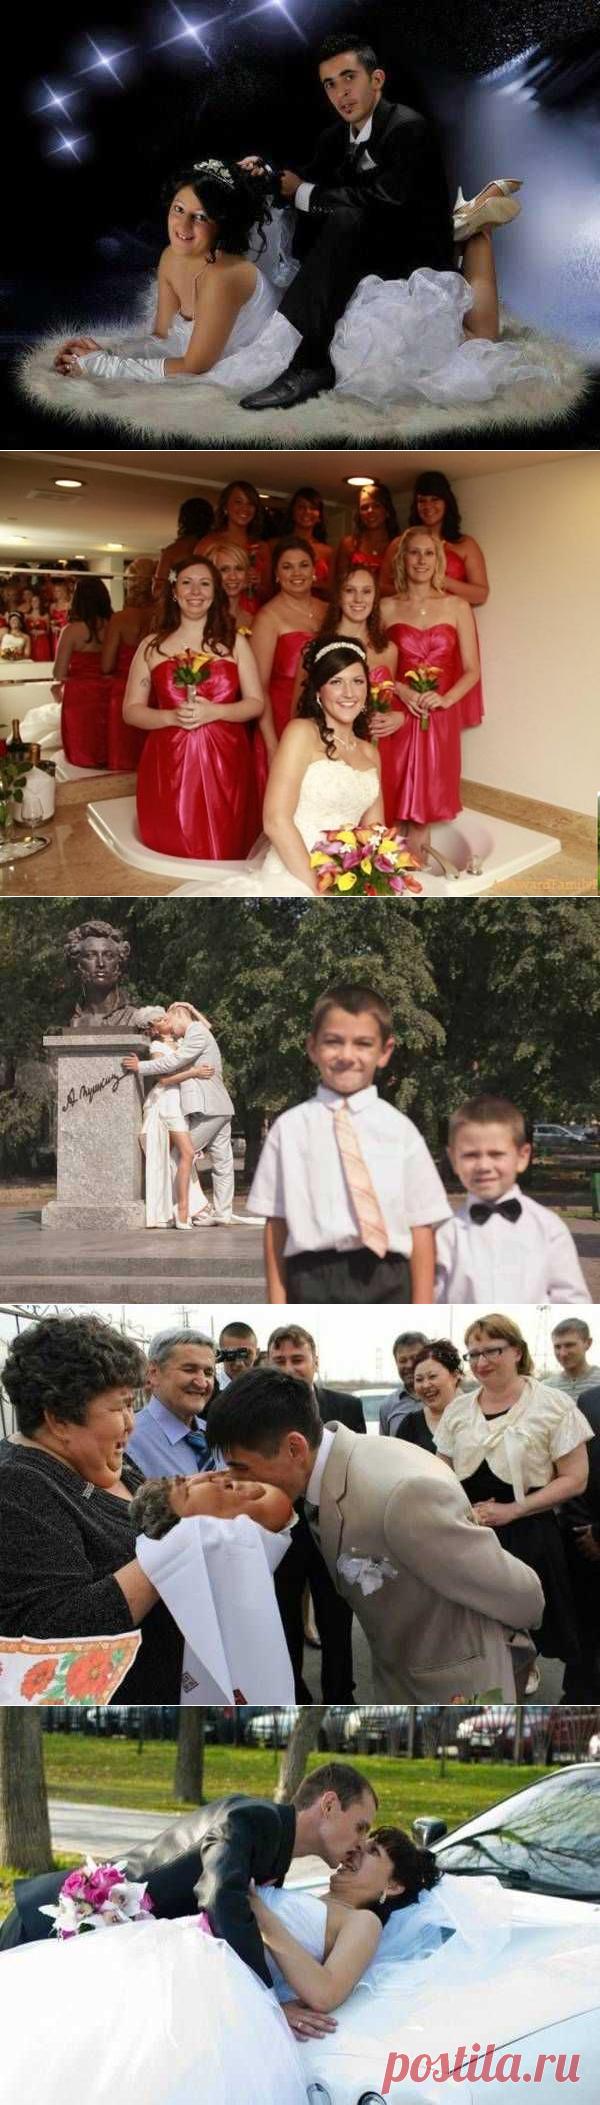 20 самых ужасных и сумасшедших свадебных фото, когда фотограф не слабо поиздевался | Интересные Факты